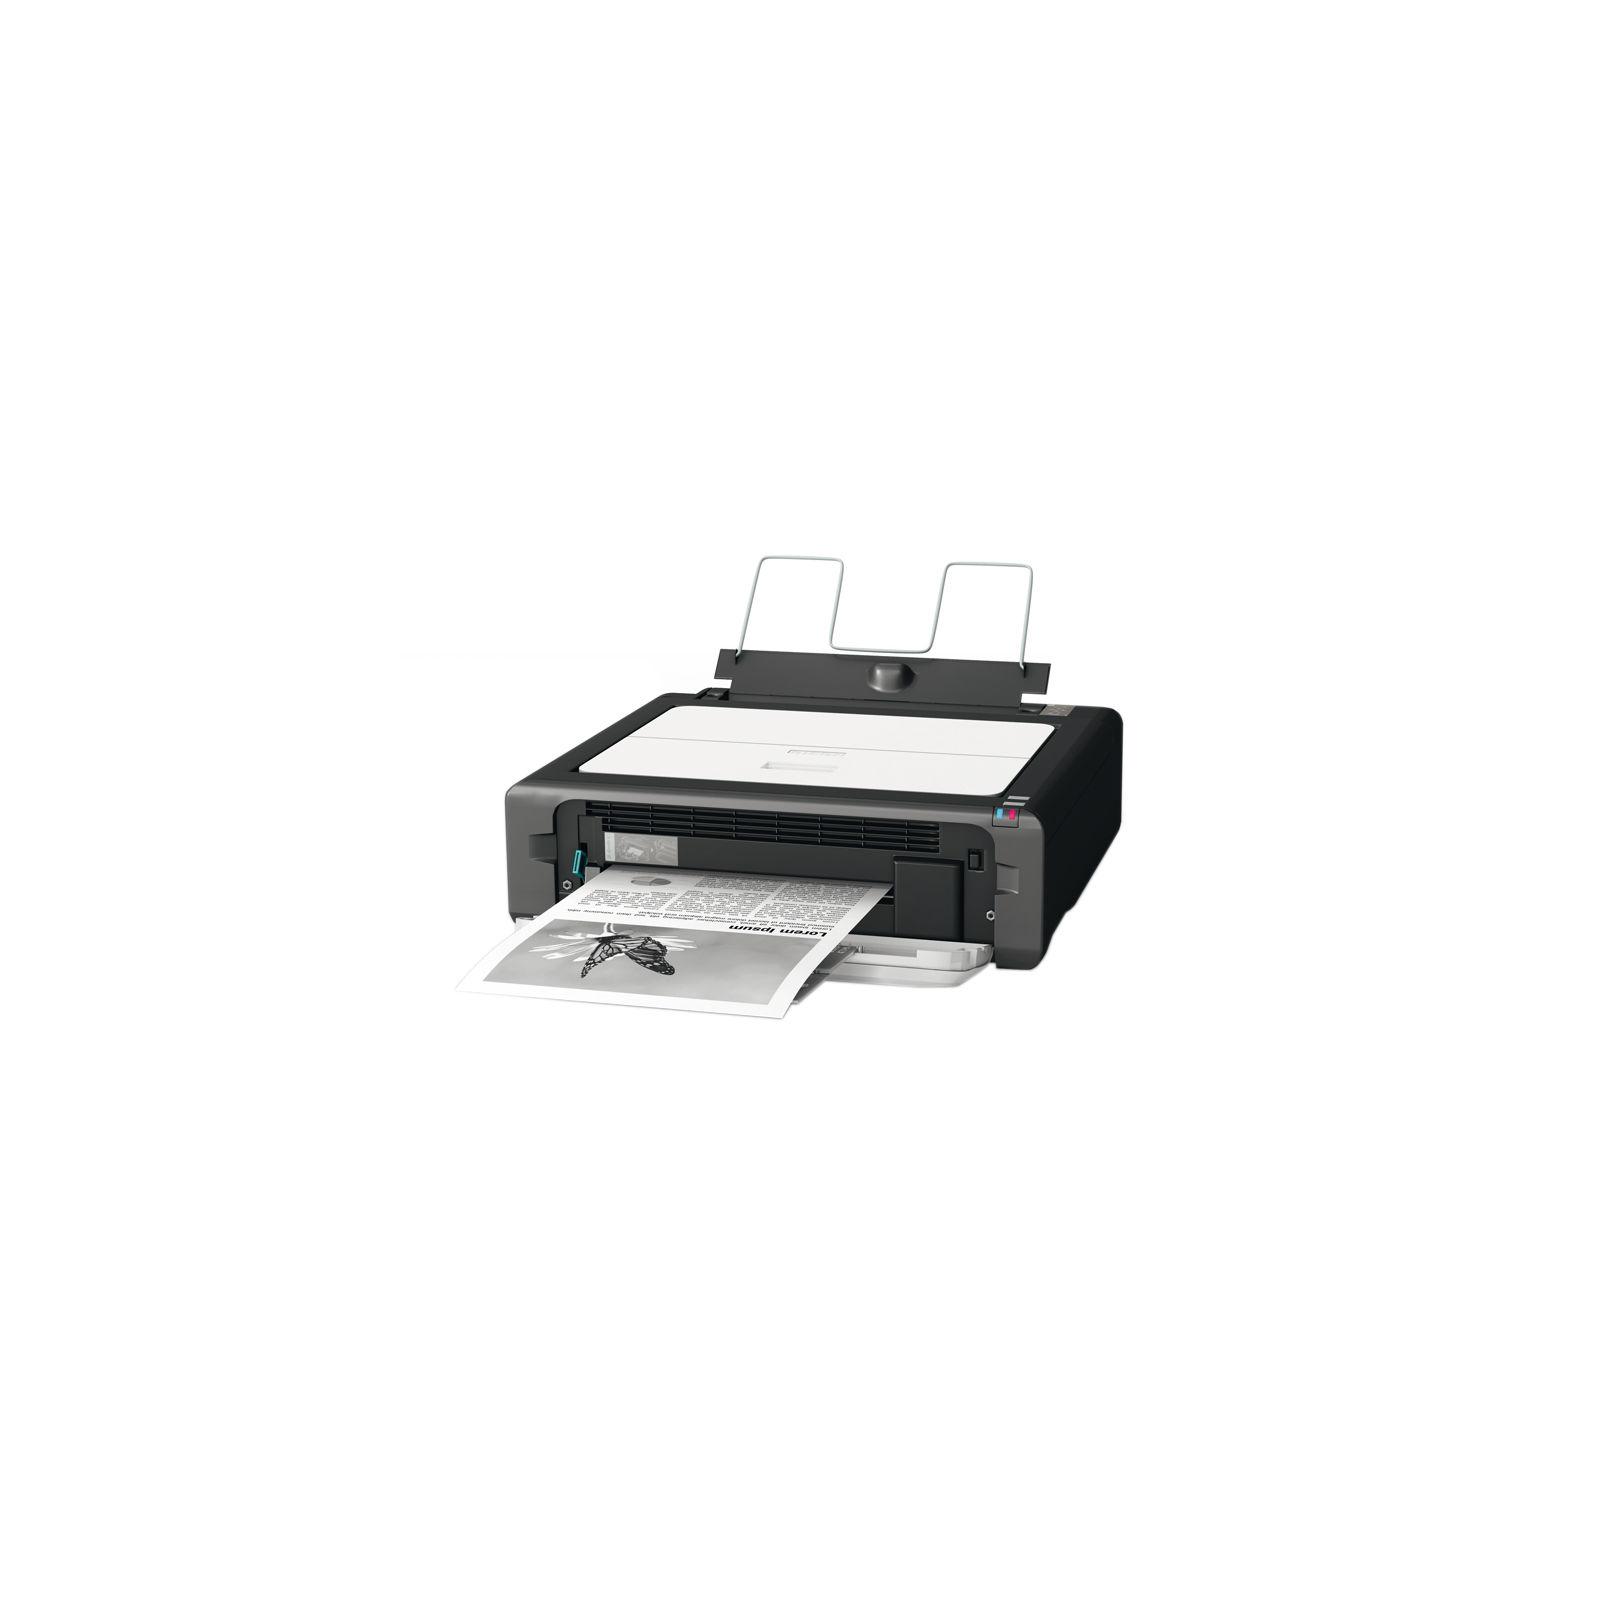 Лазерный принтер Ricoh SP111 (407415) изображение 6